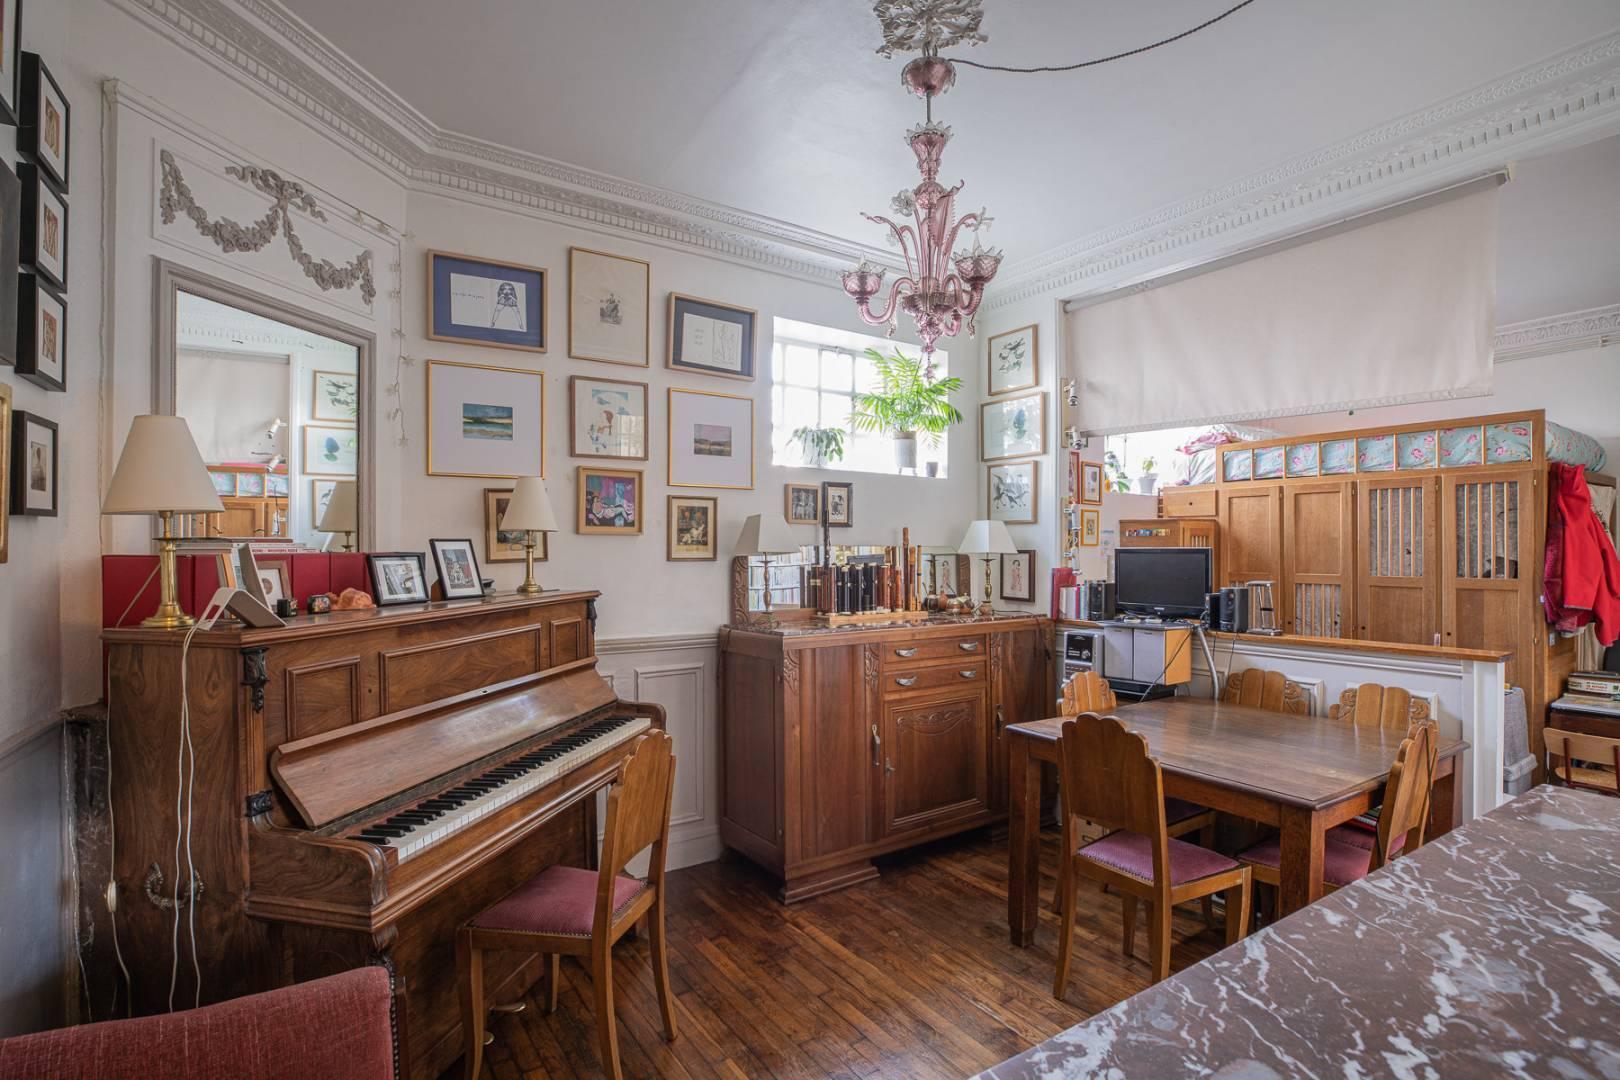 Play room Wooden floor Chandelier